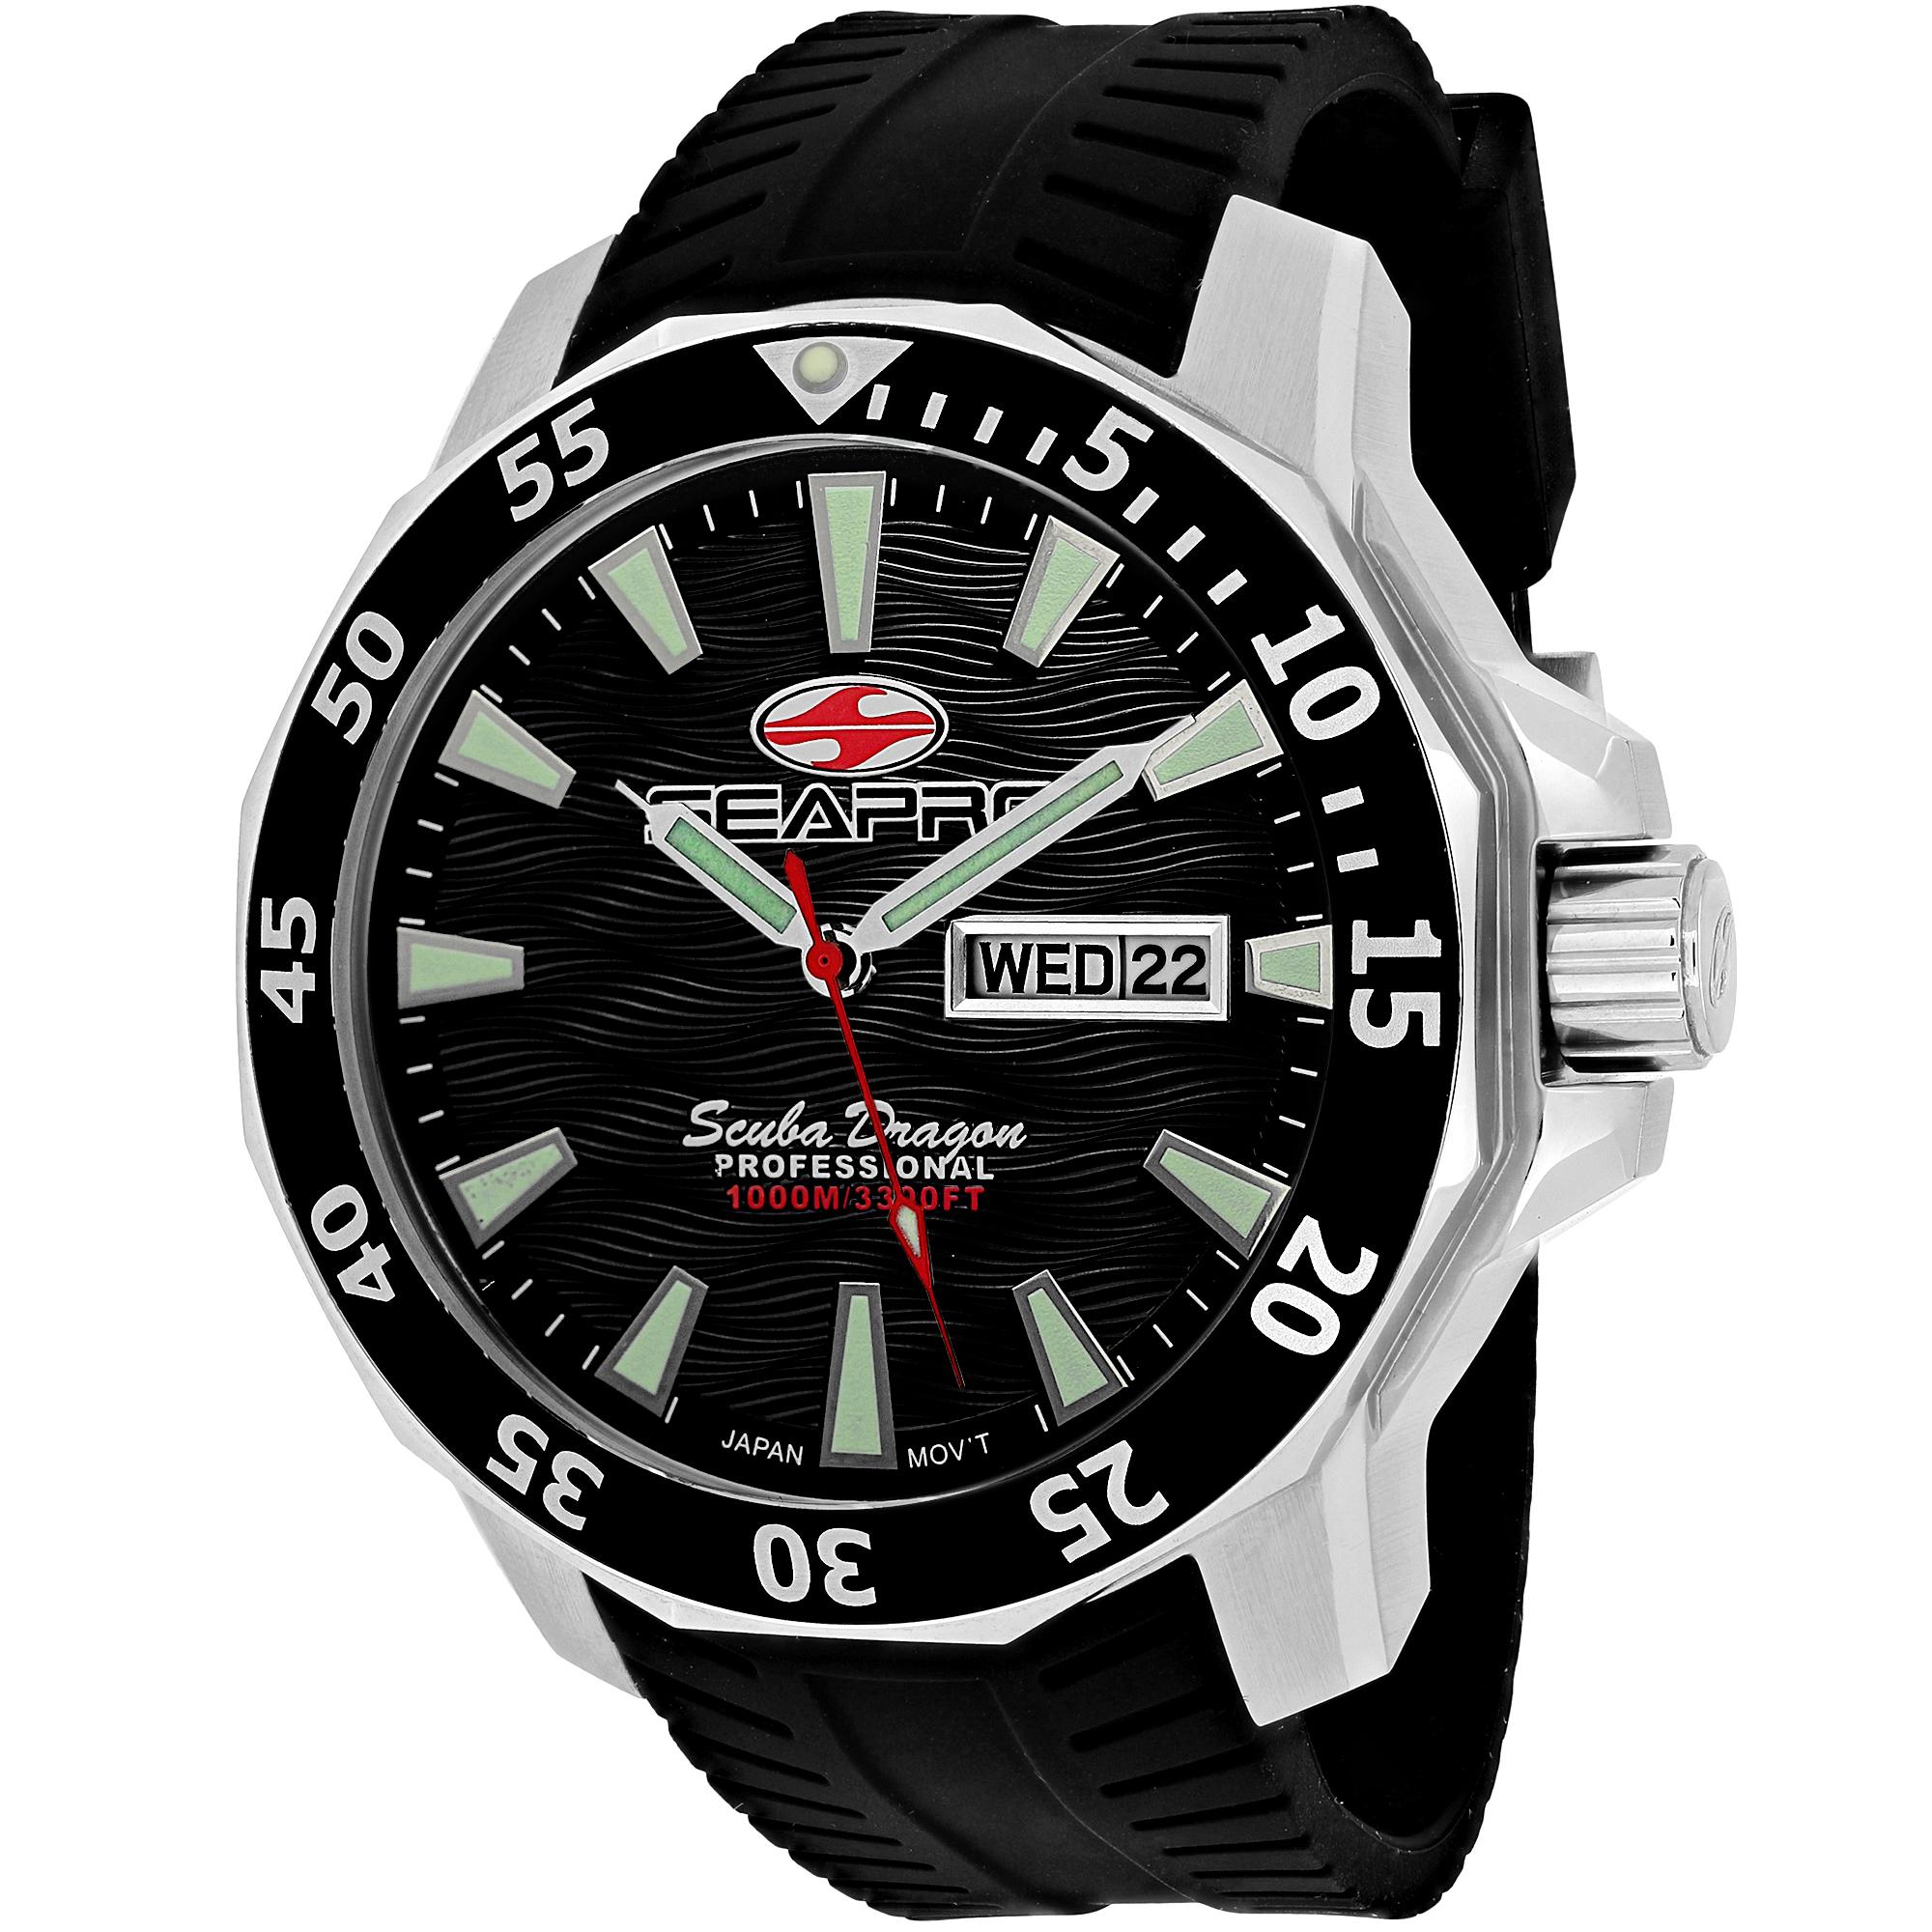 Seapro Scuba Dragon Diver Limite Sp8310 Men's Watch